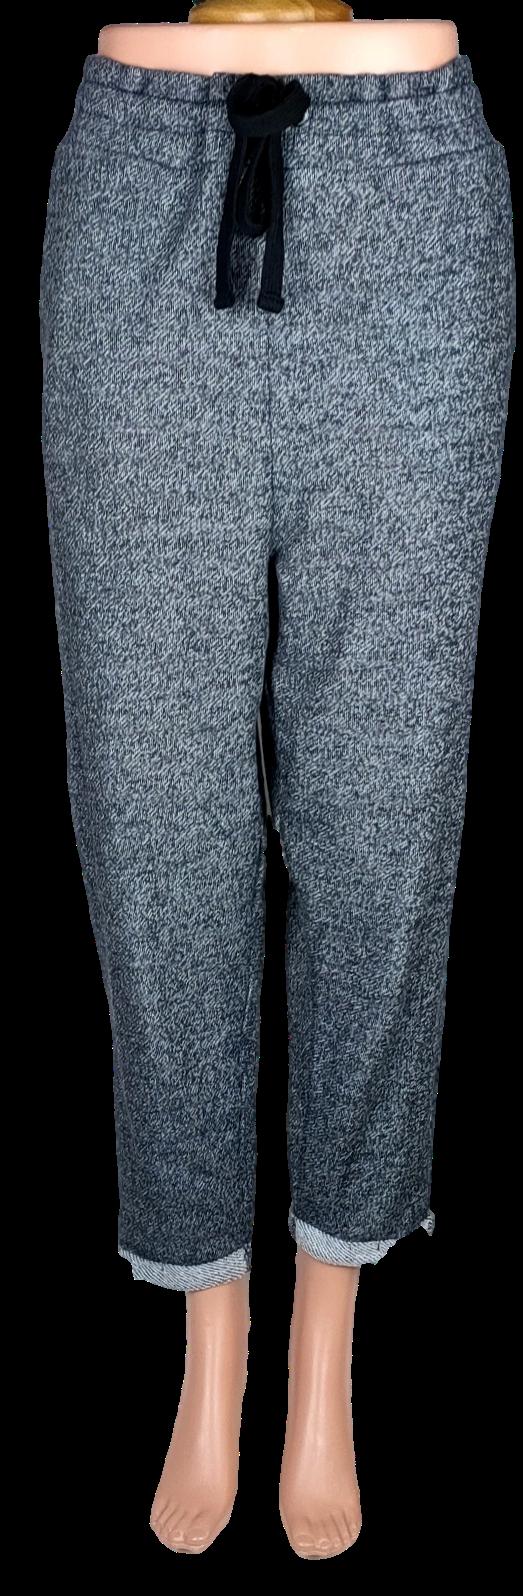 Pantalon LH La Halle -Taille L